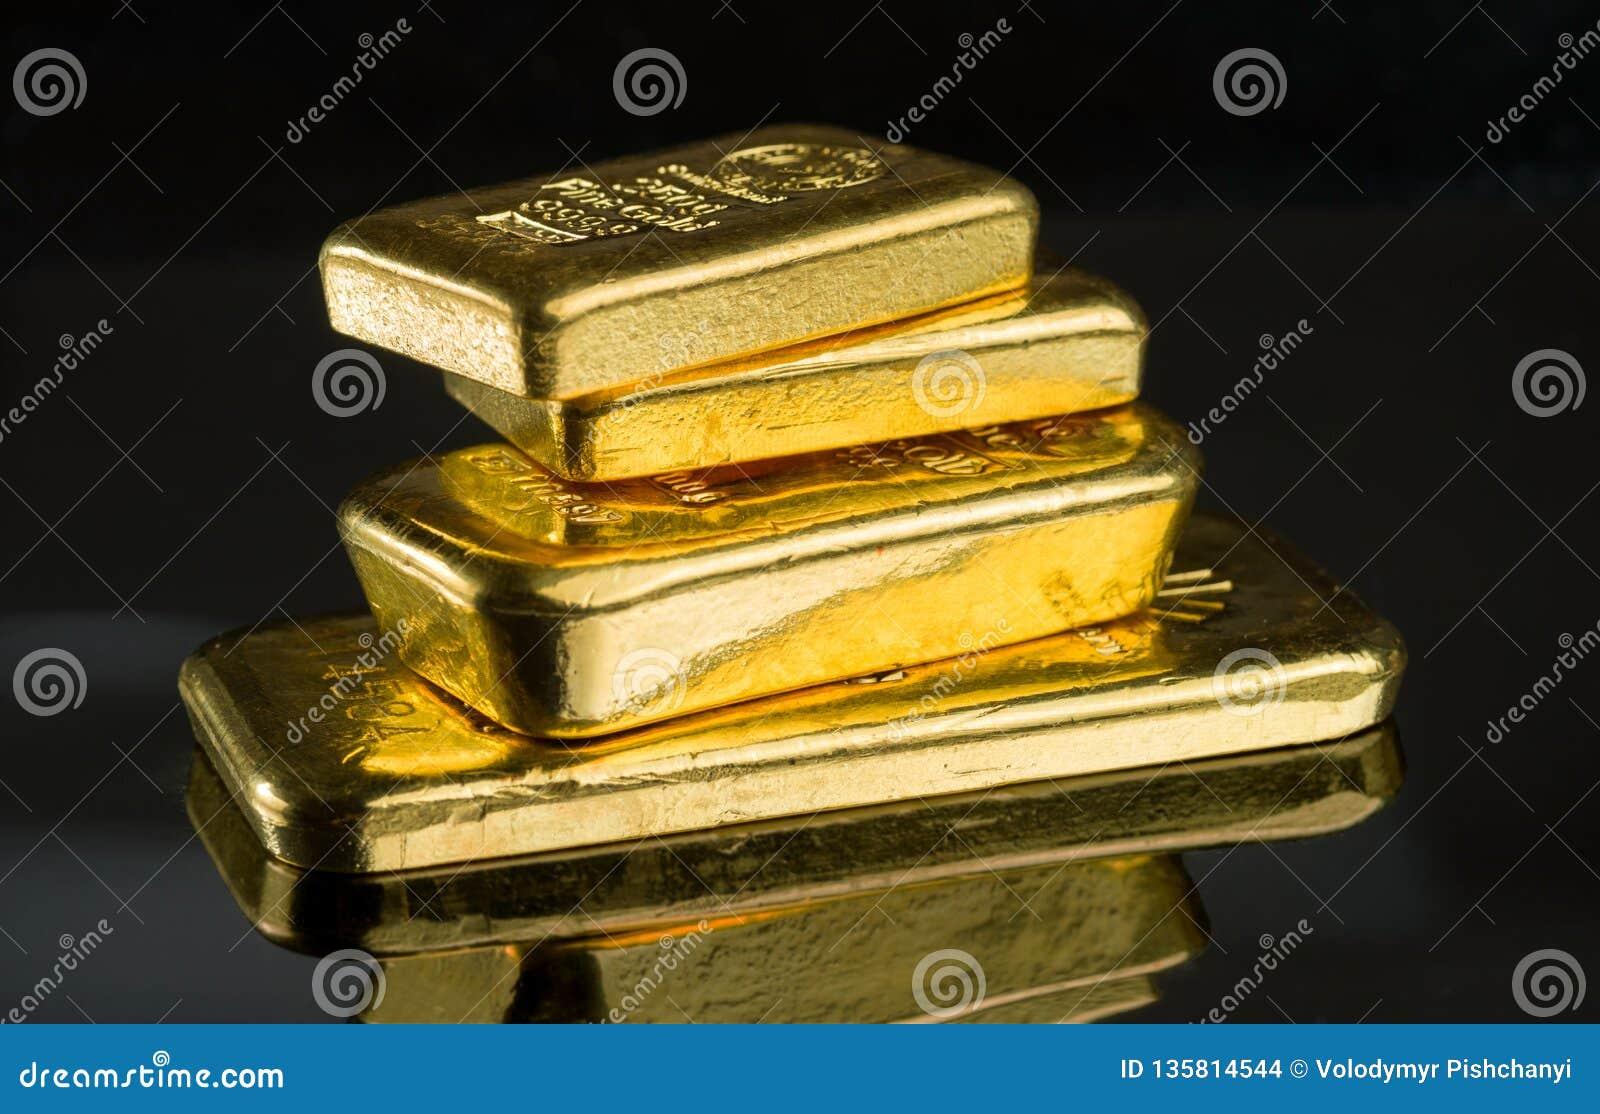 Flera guld- stänger av olik vikt på en mörk spegelyttersida